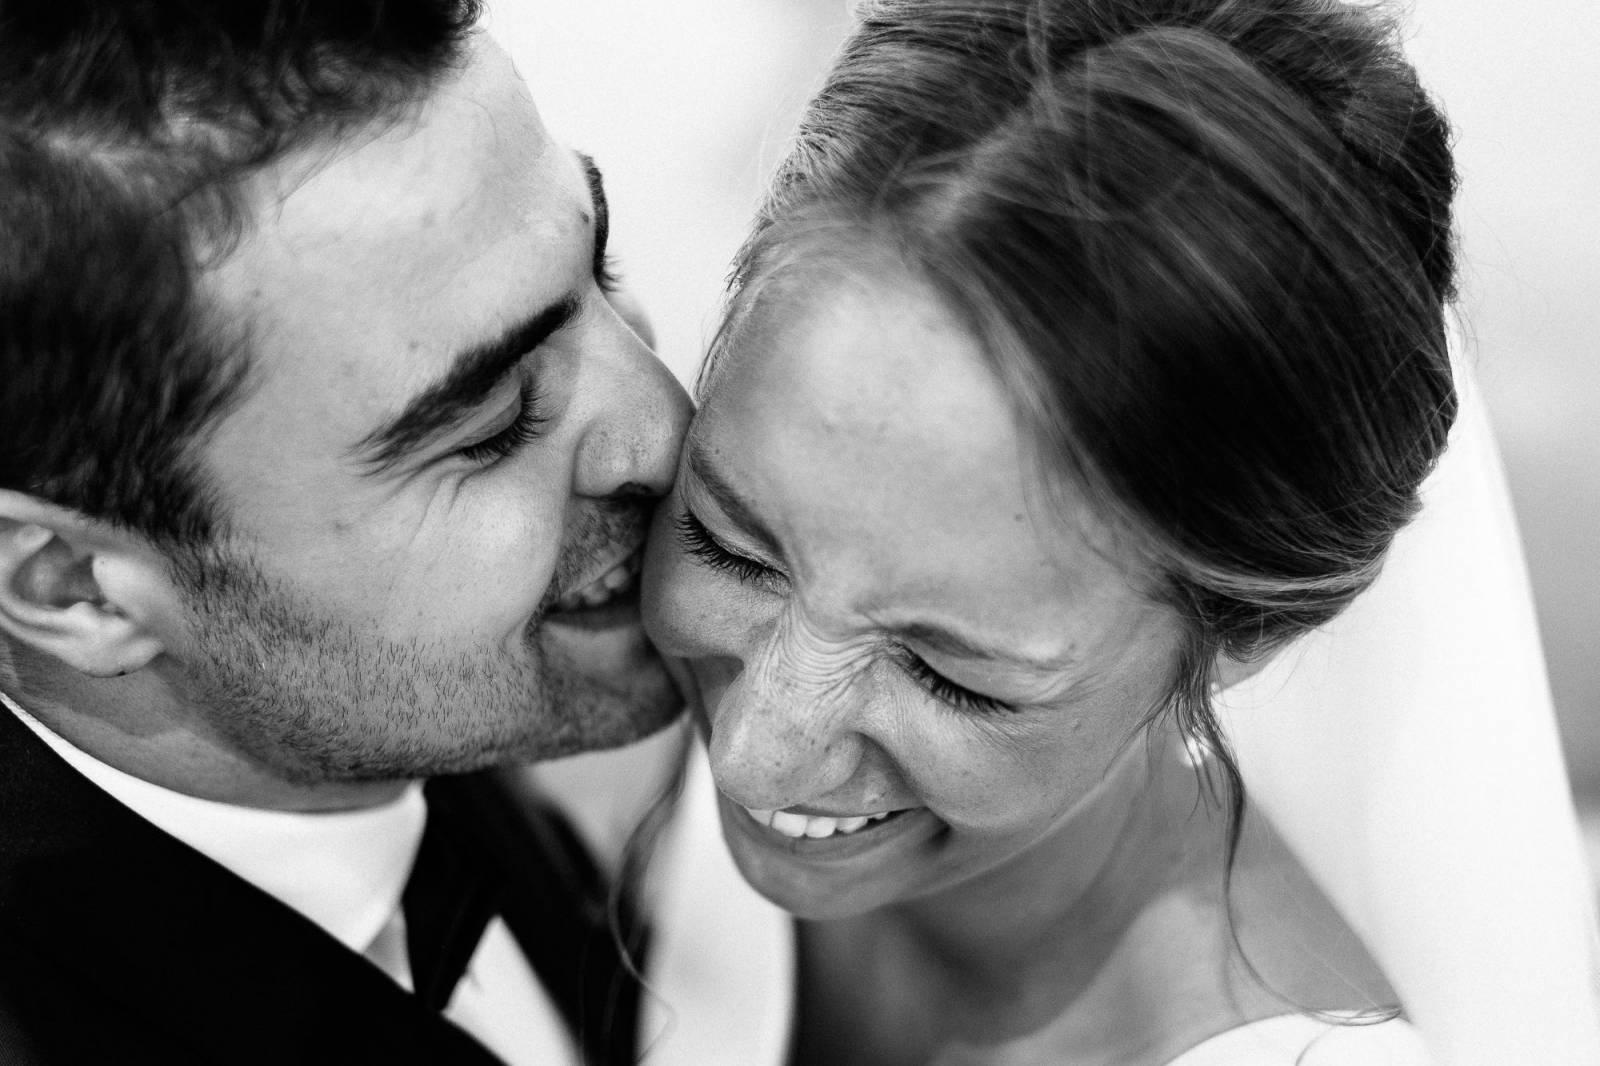 Jonas De Gent - Huwelijksfotograaf - House of Weddings - 2